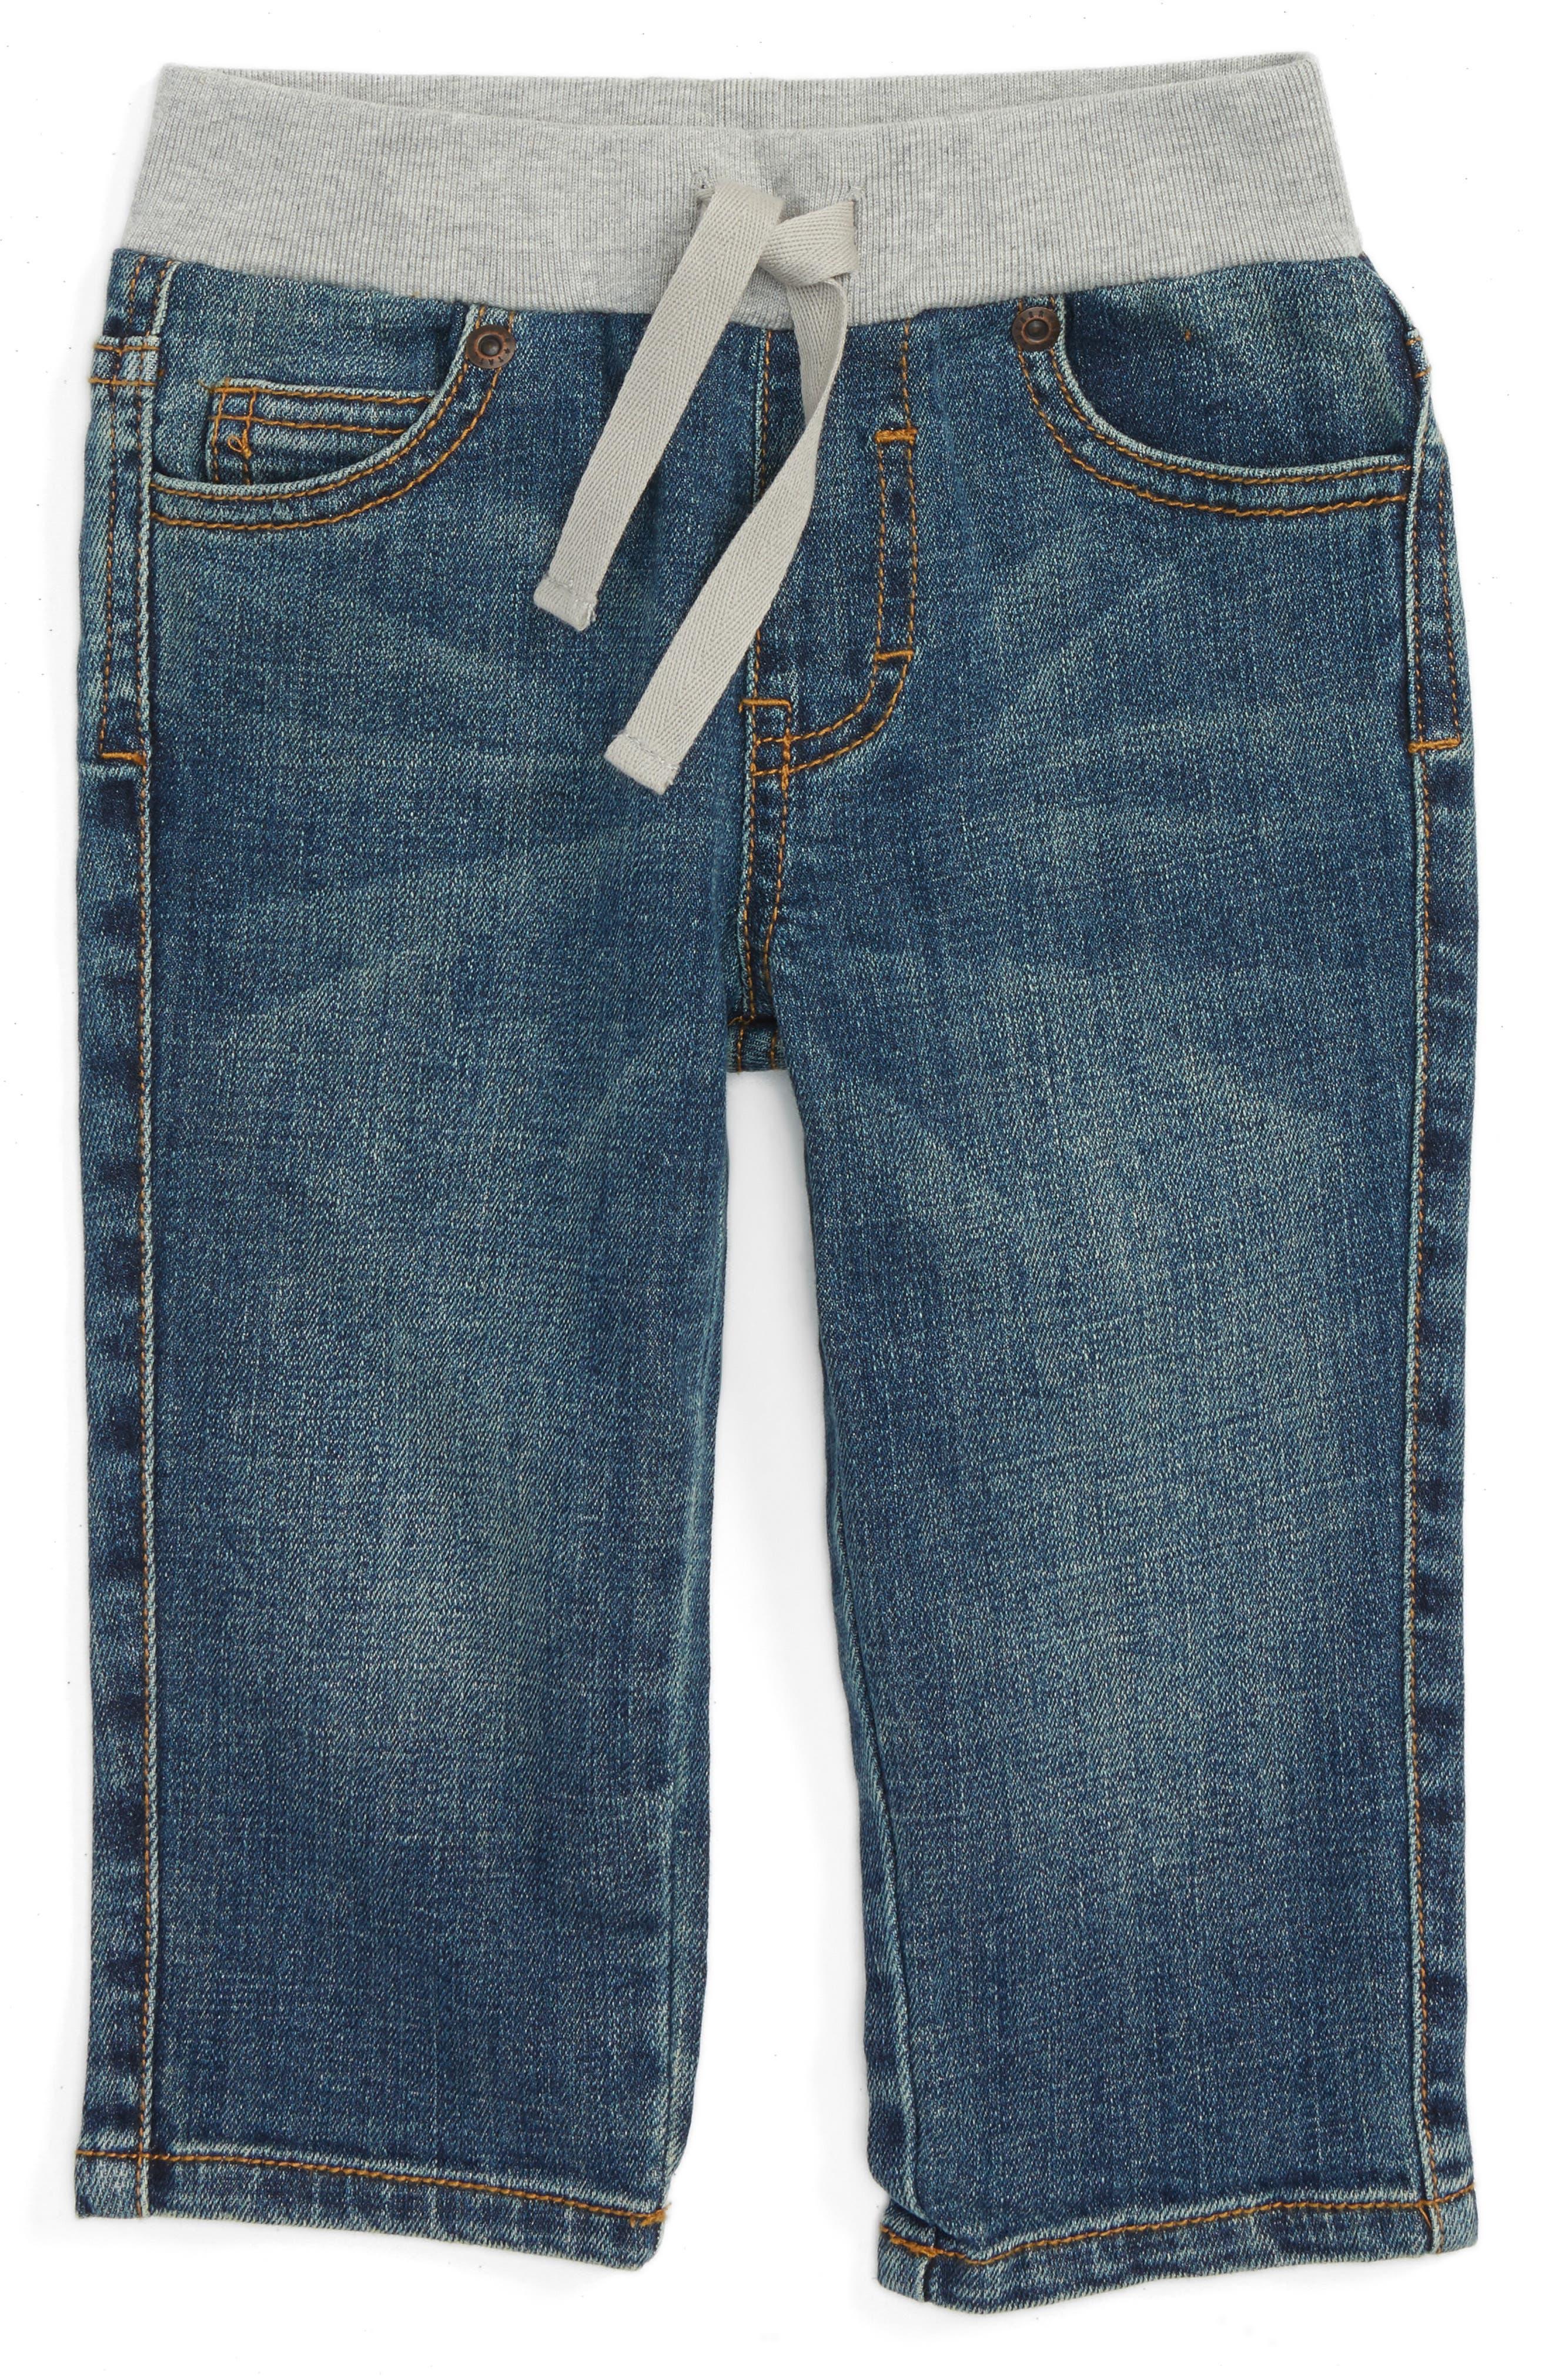 Main Image - Tucker + Tate Tucker Jeans (Baby)